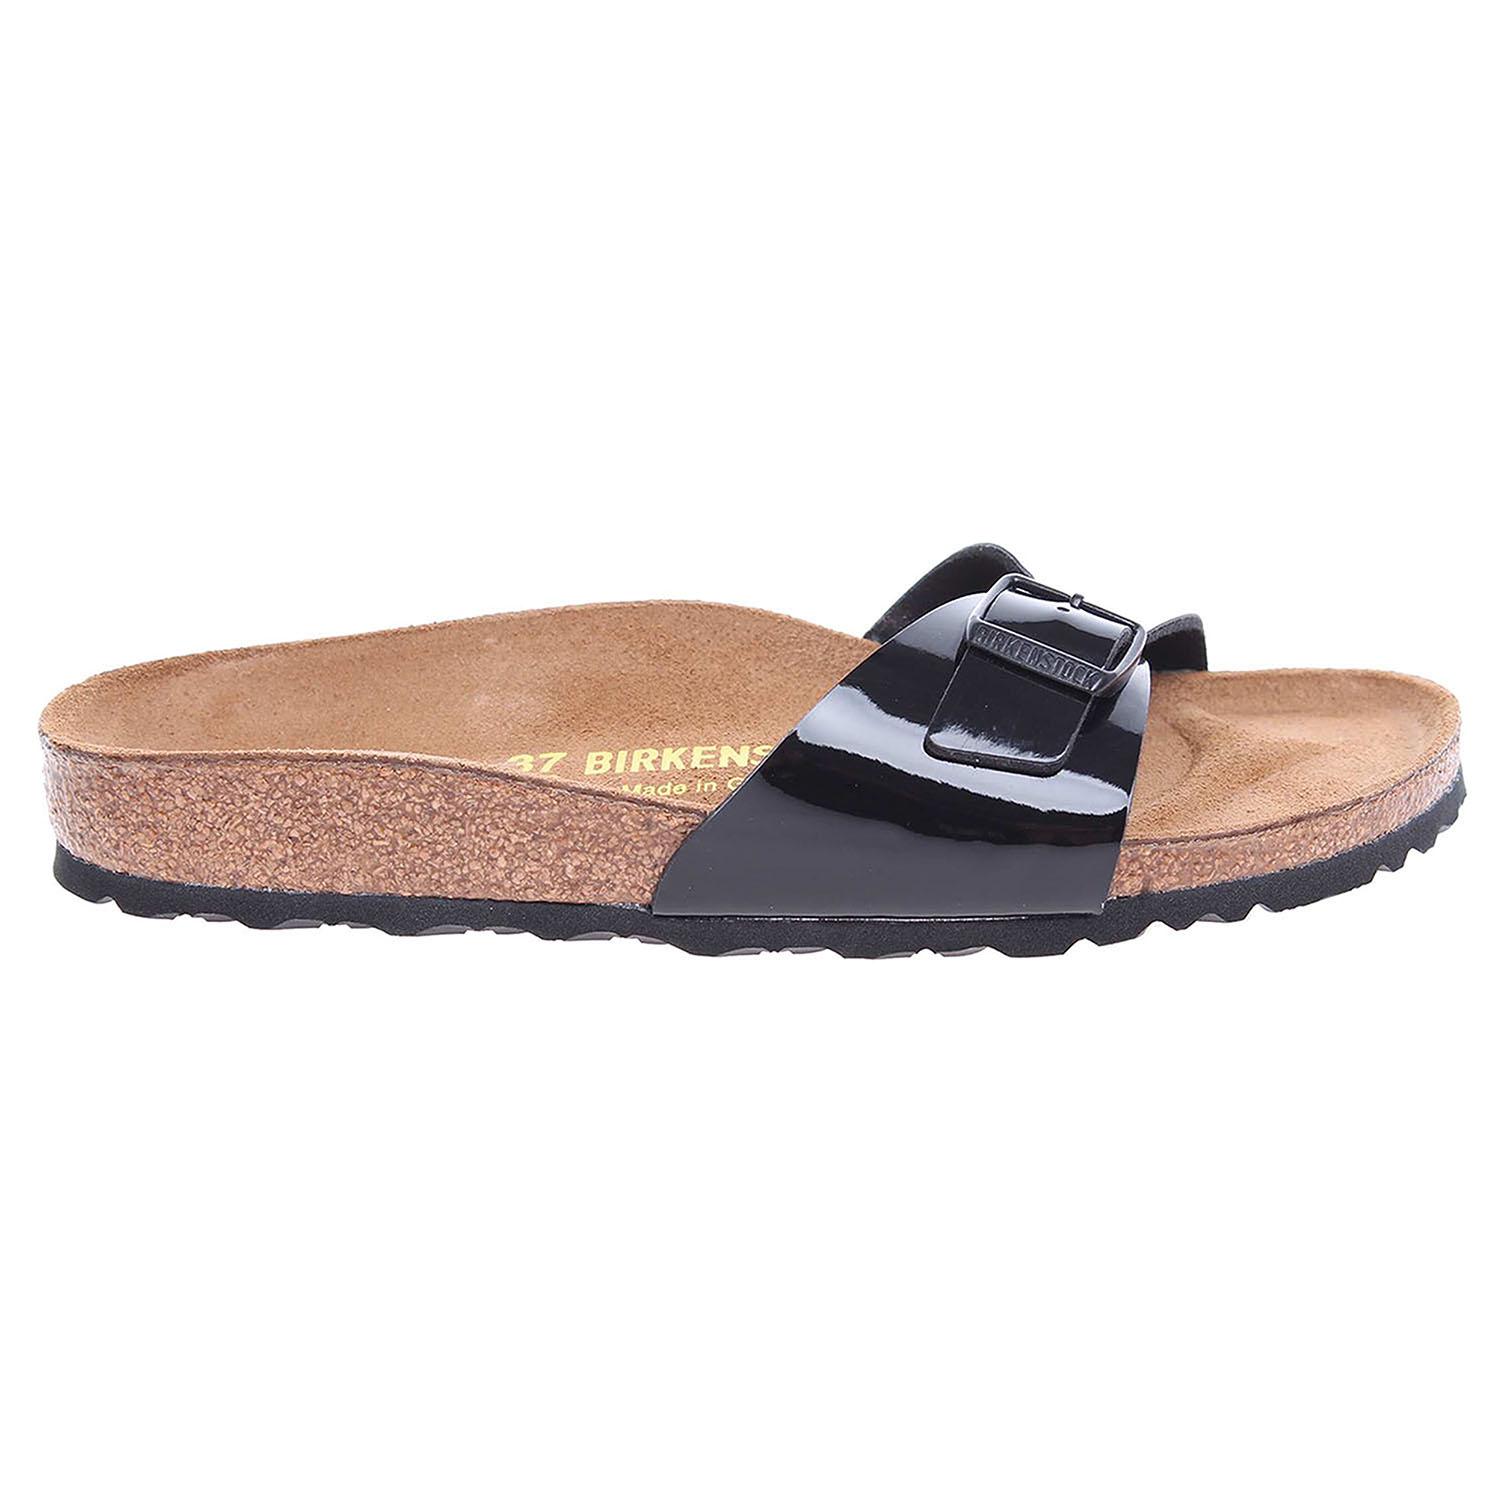 Birkenstock Madrid dámské pantofle 040303 černé 41